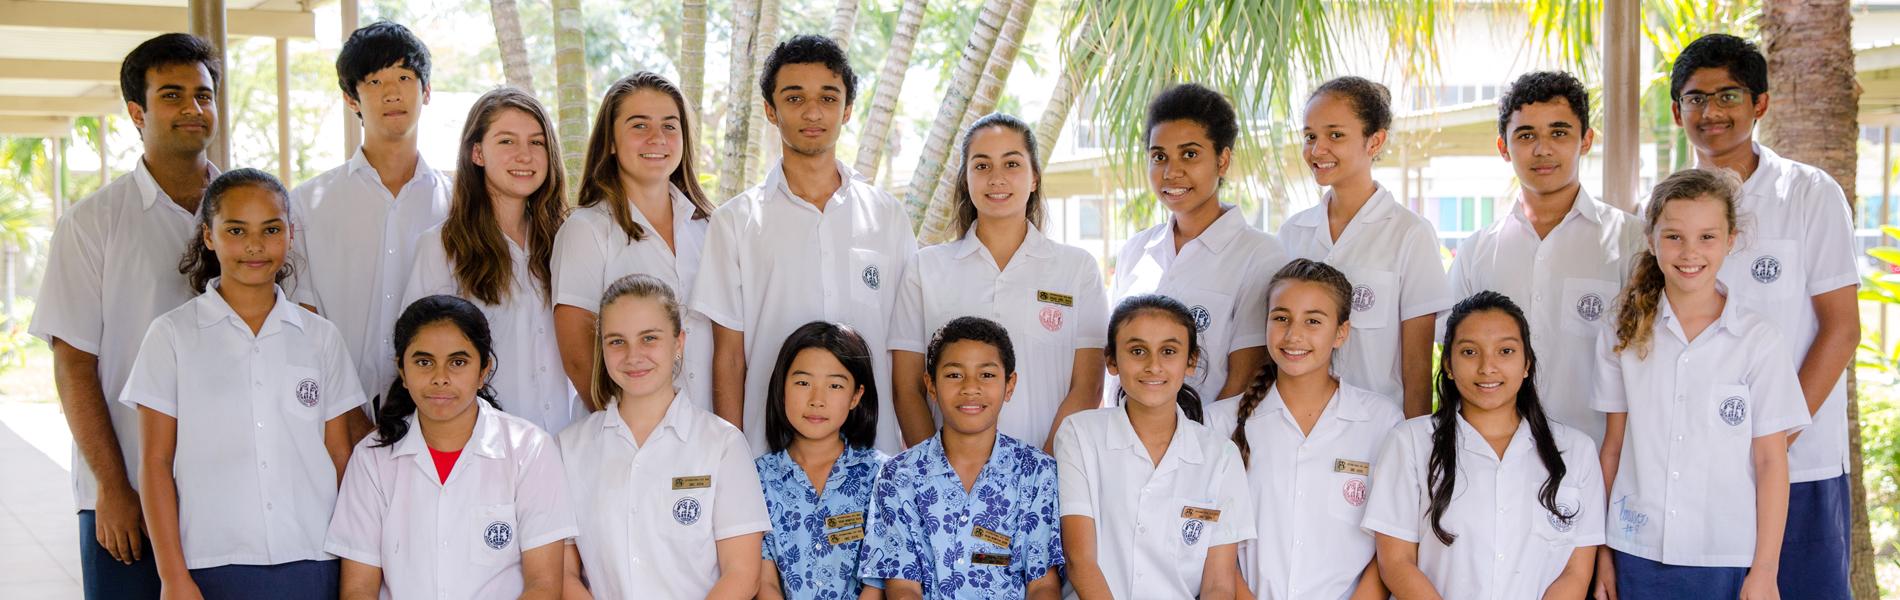 Student Representative Council